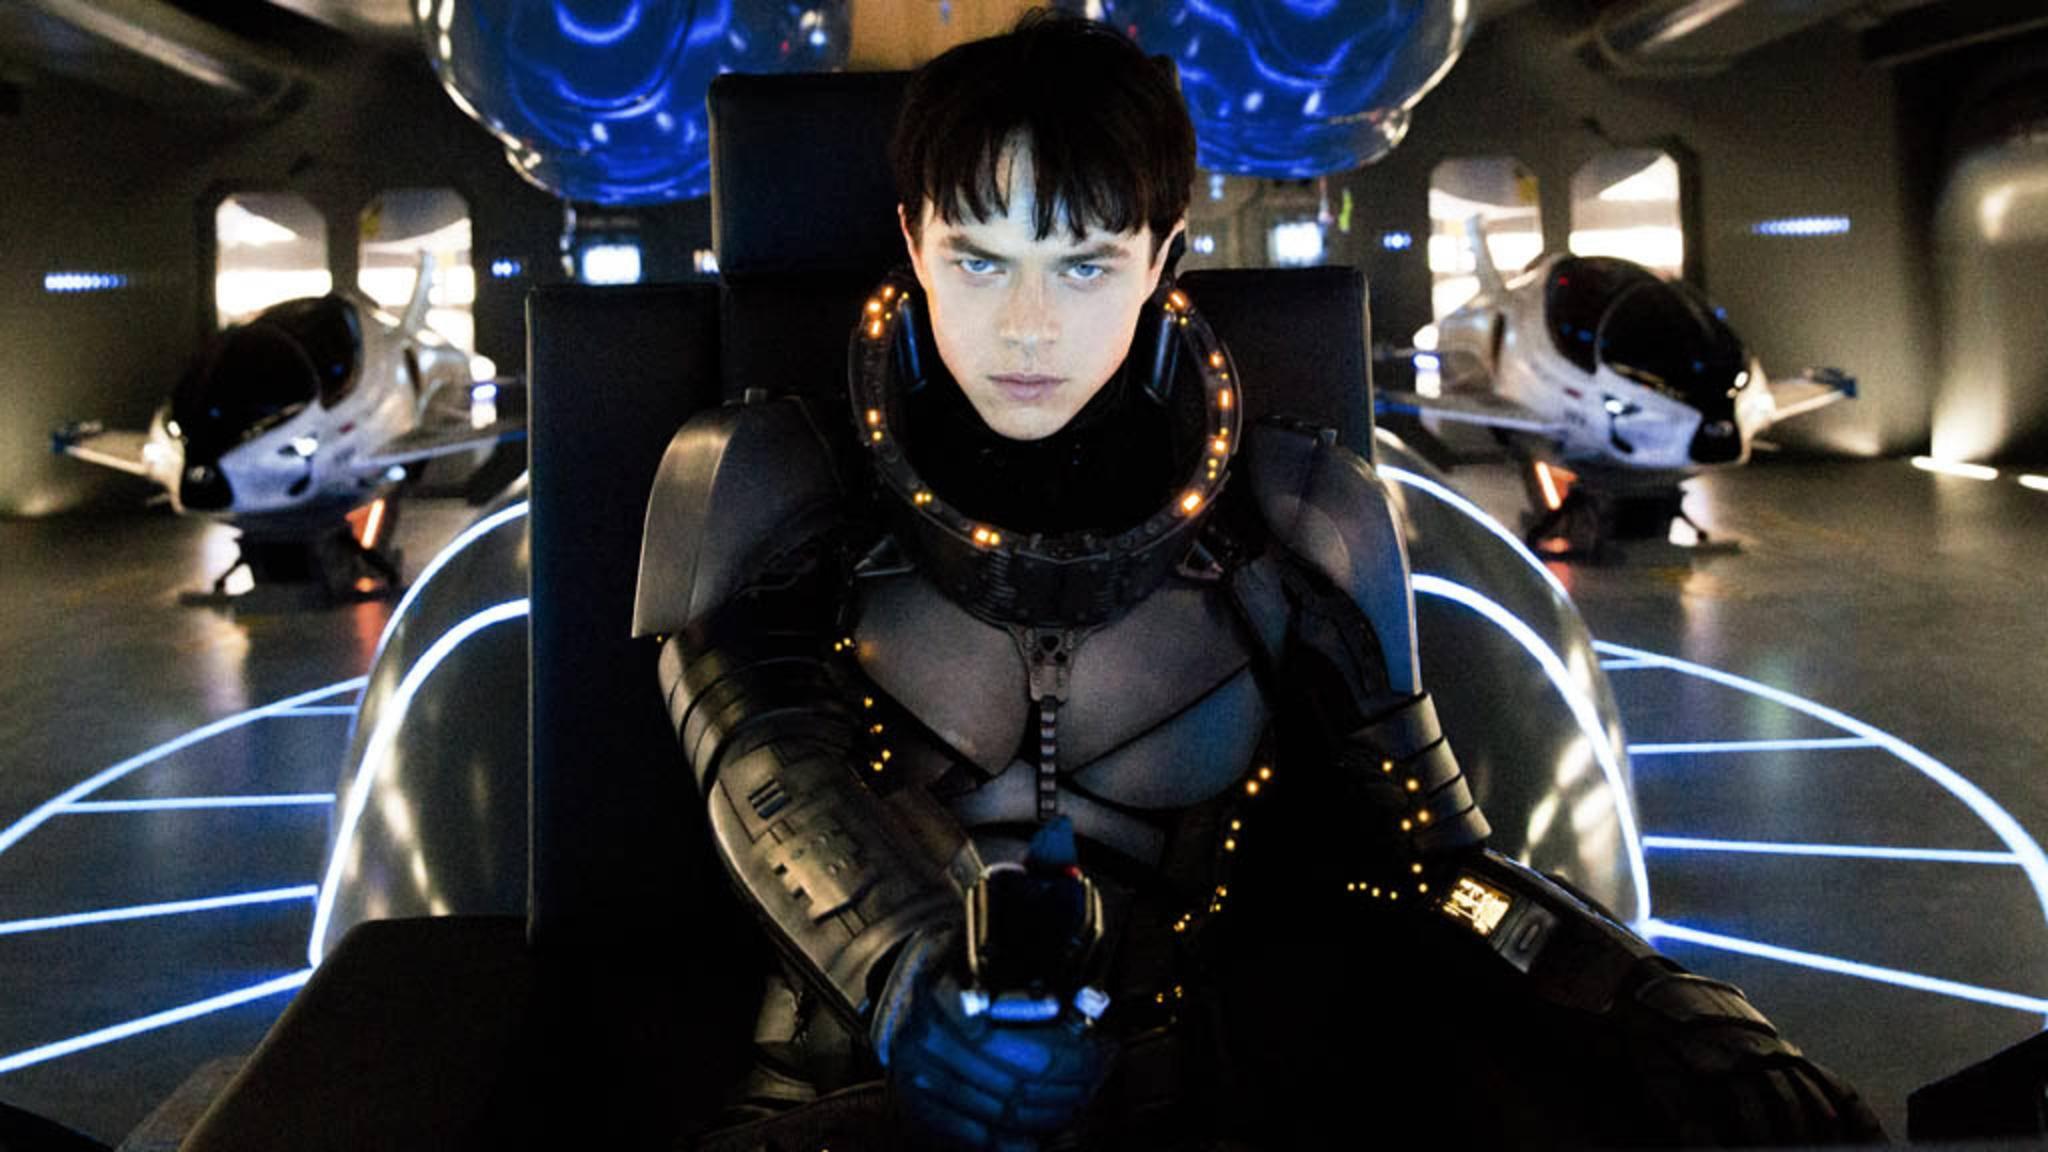 Geht es nach Regisseur Luc Besson, nimmt Valerian schon bald Kurs auf ein Sequel.